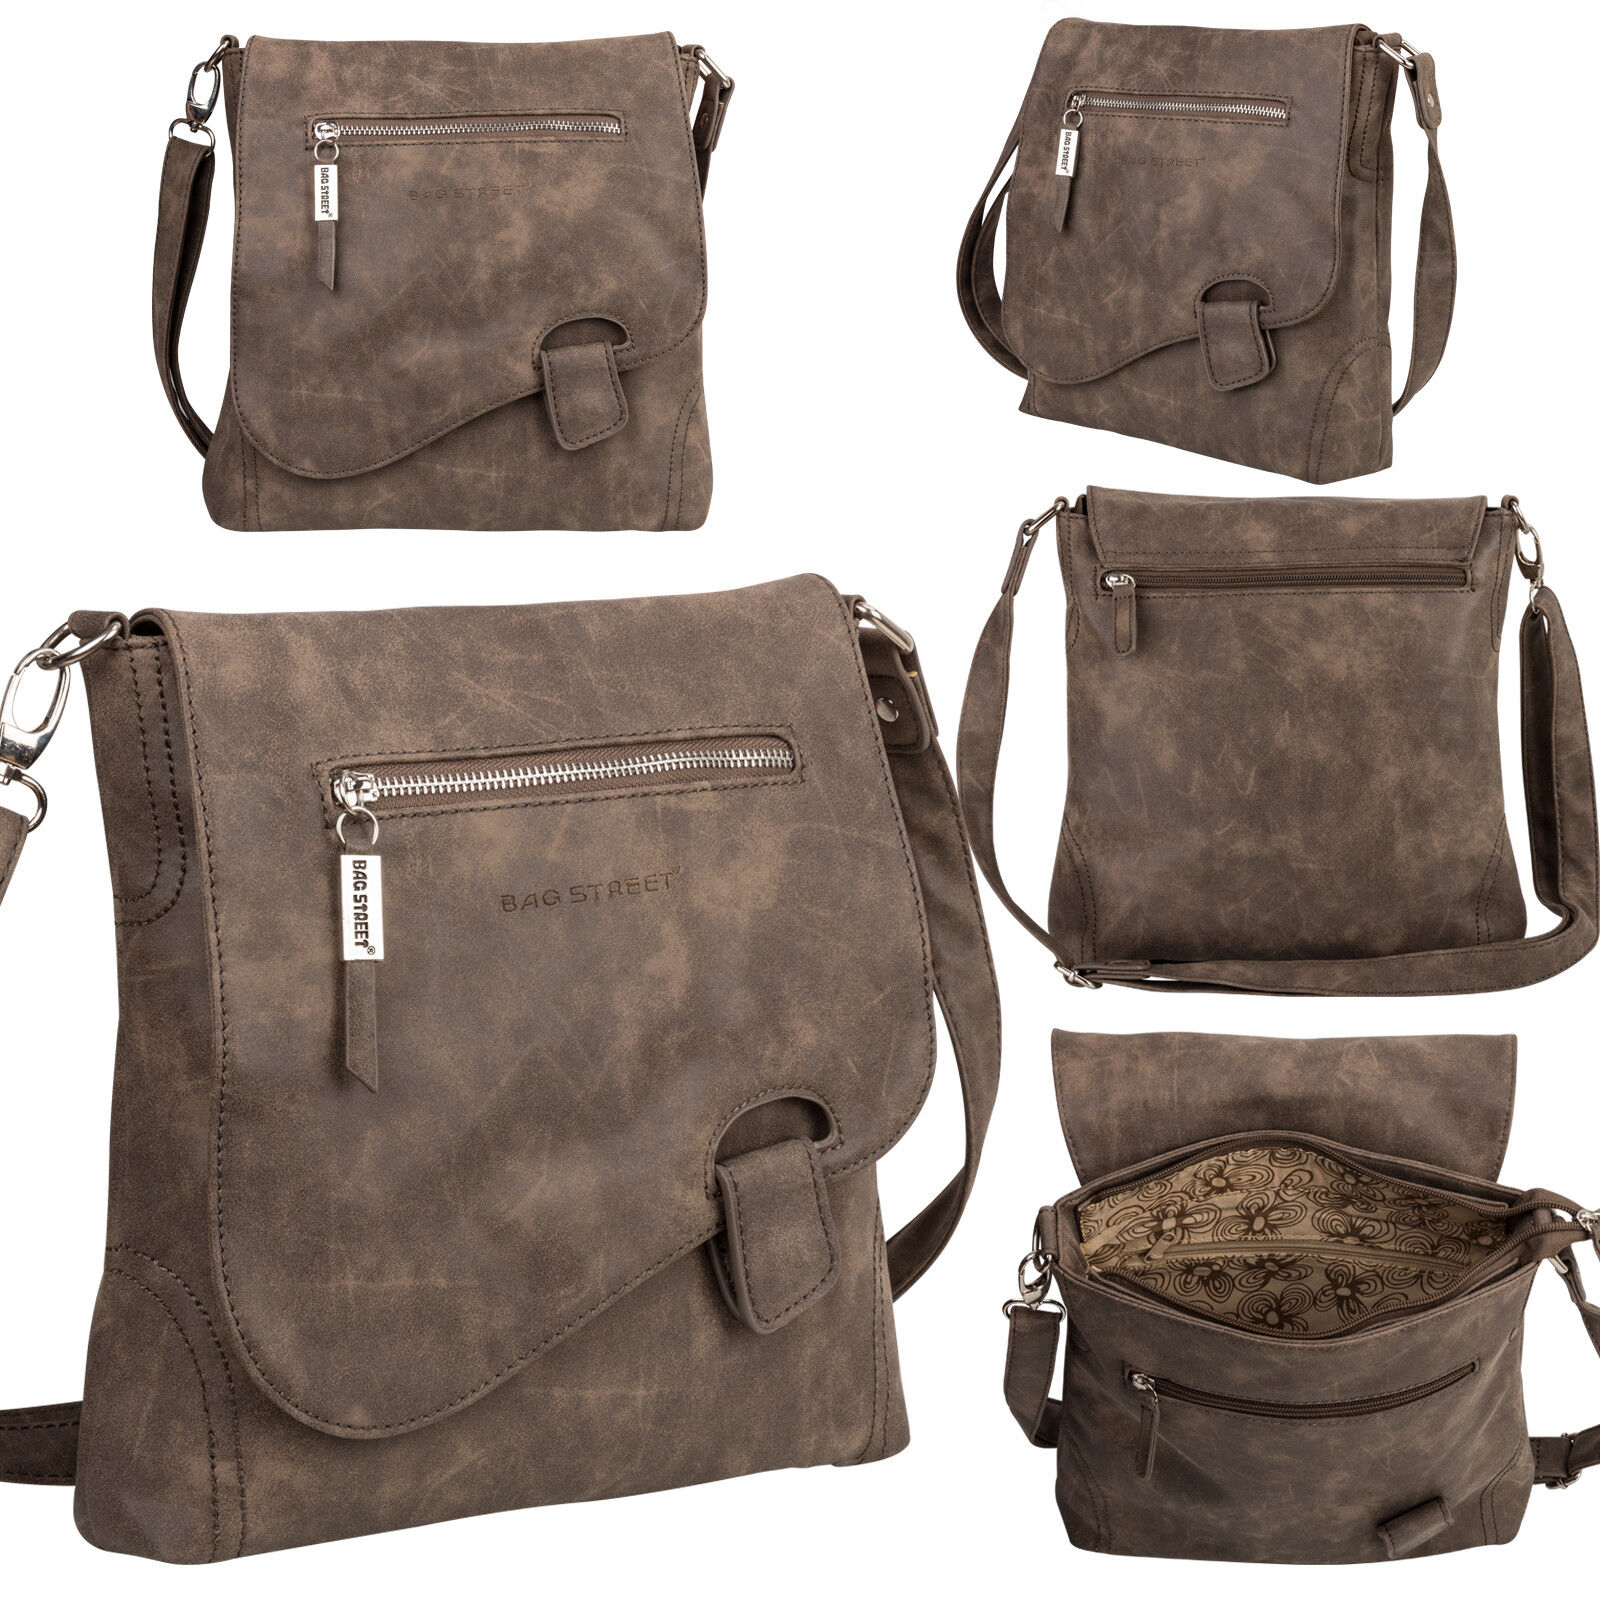 Bag Street Damentasche Umhängetasche Handtasche Schultertasche K2 T0104 Braun